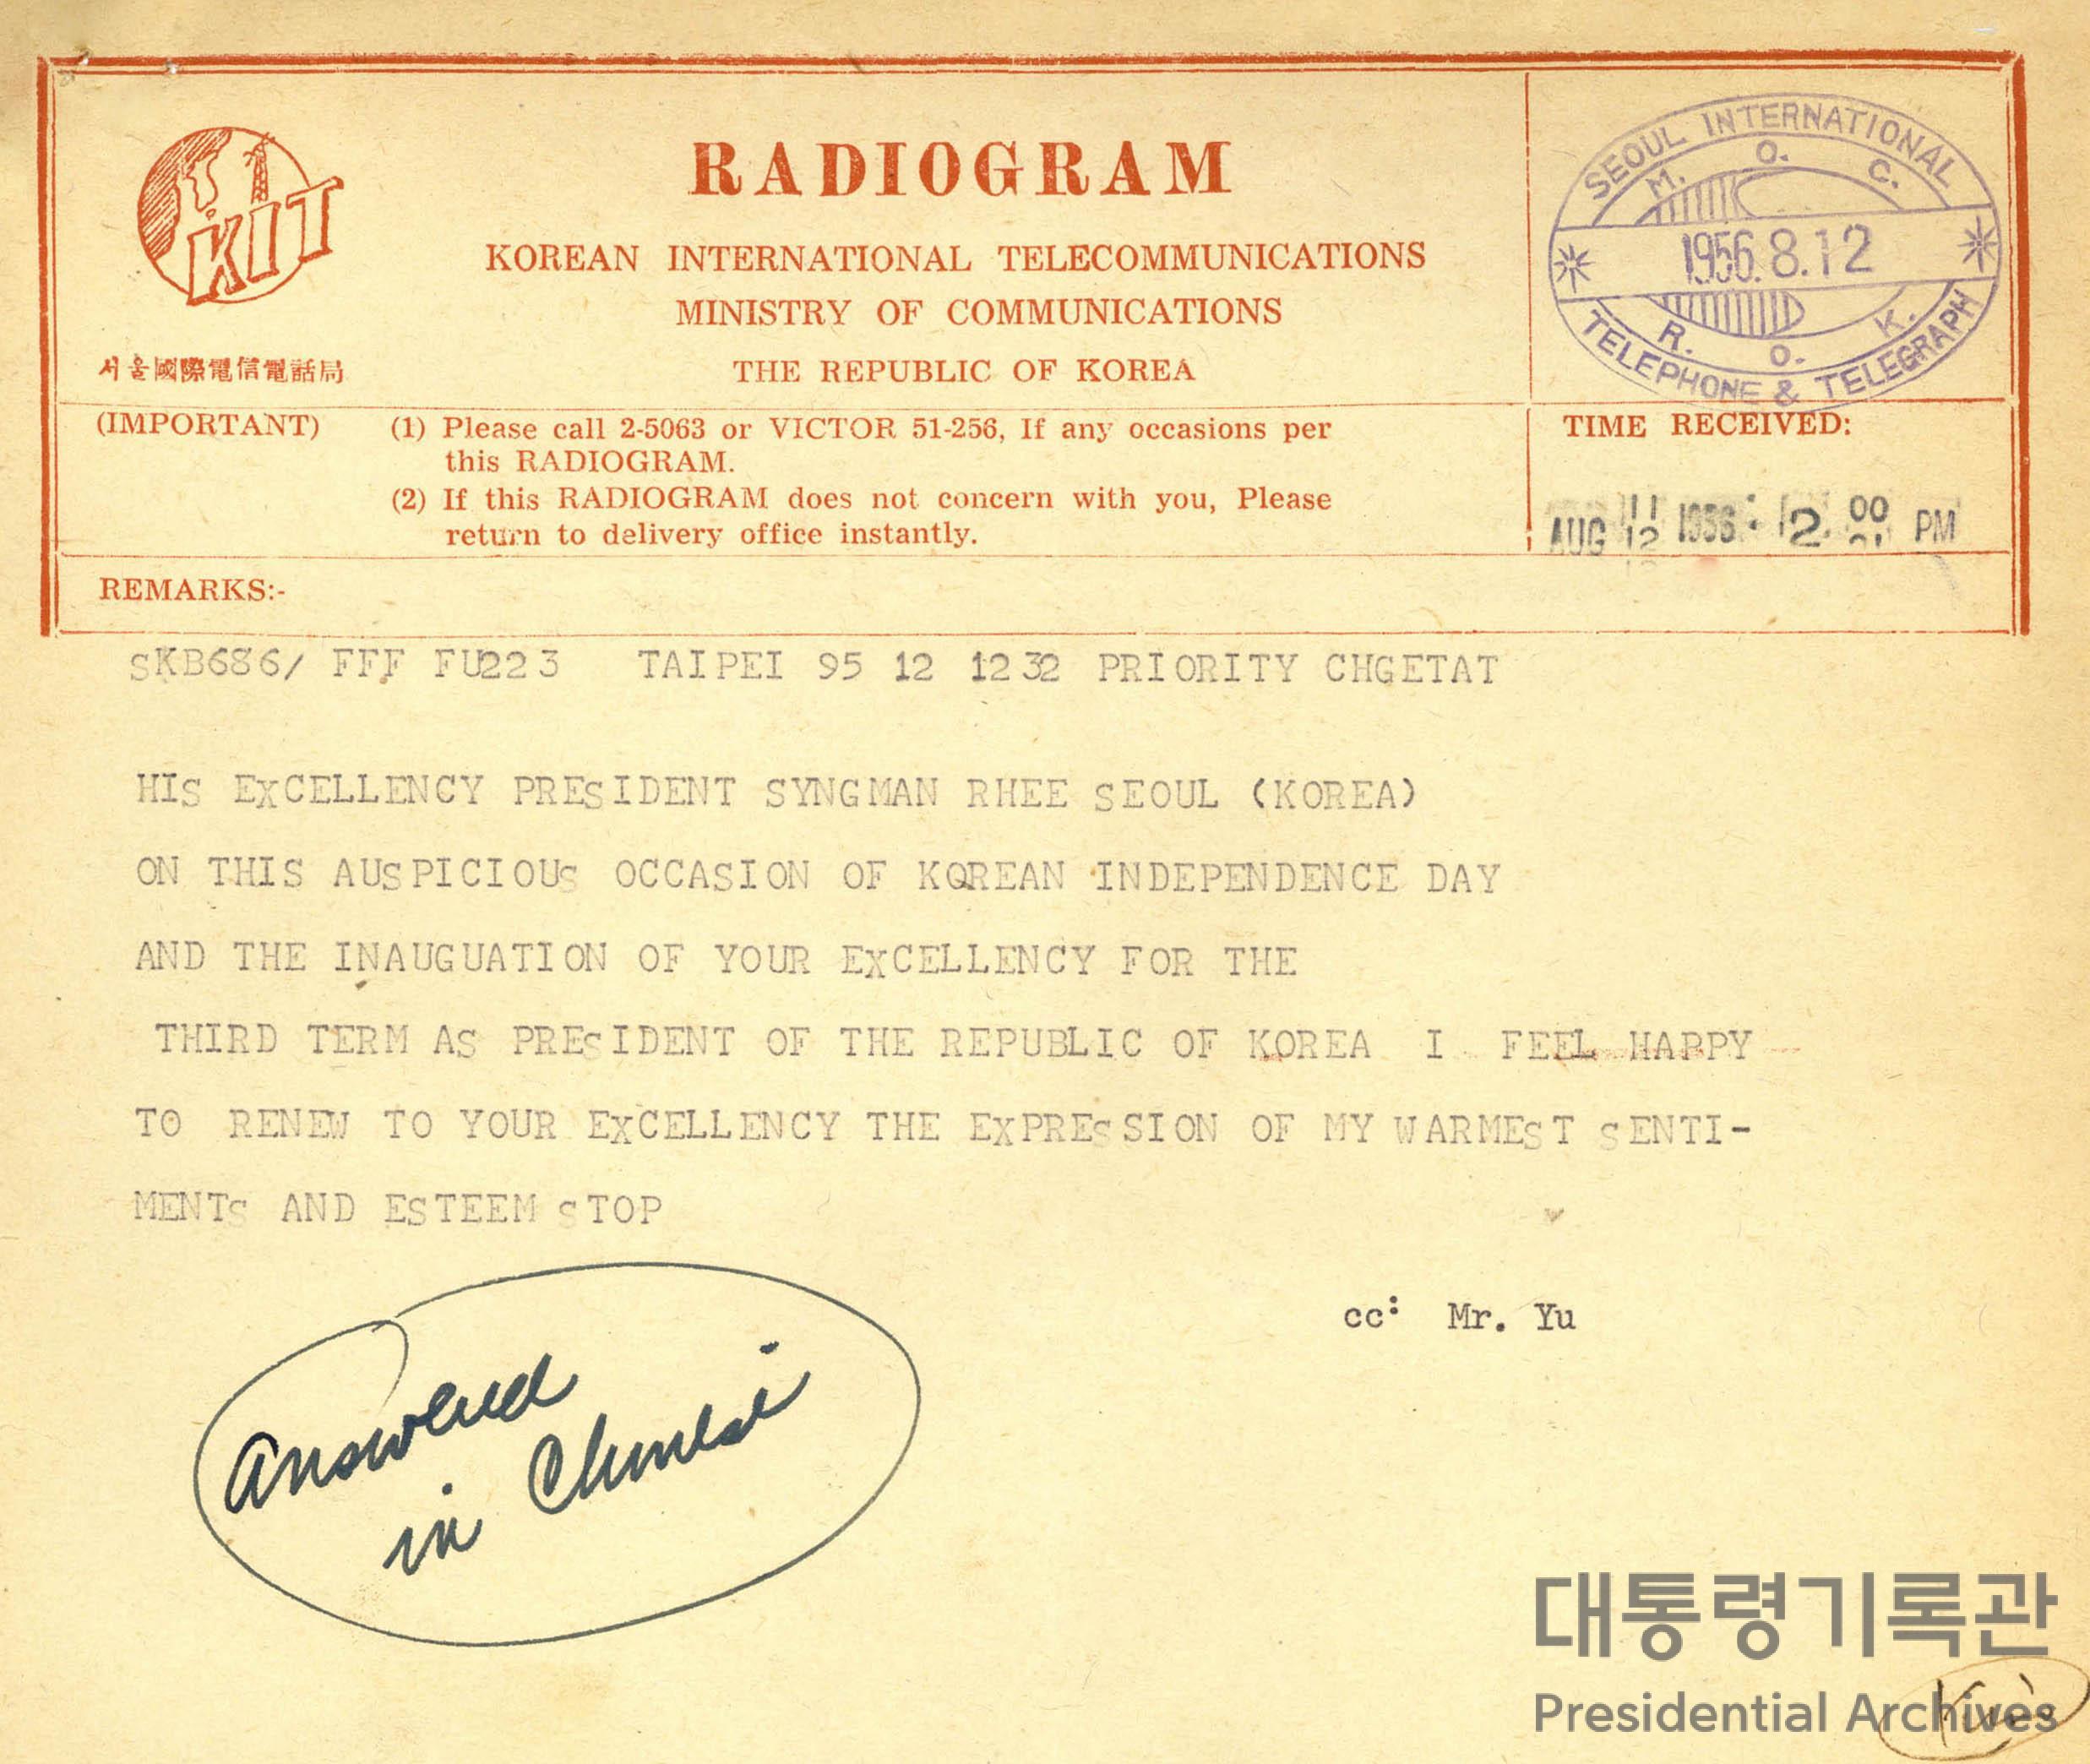 장개석(Chiang Kai Shek) 중국주석이 이승만 대통령에게 보낸 광복절과 3선 취임축하 무선전보